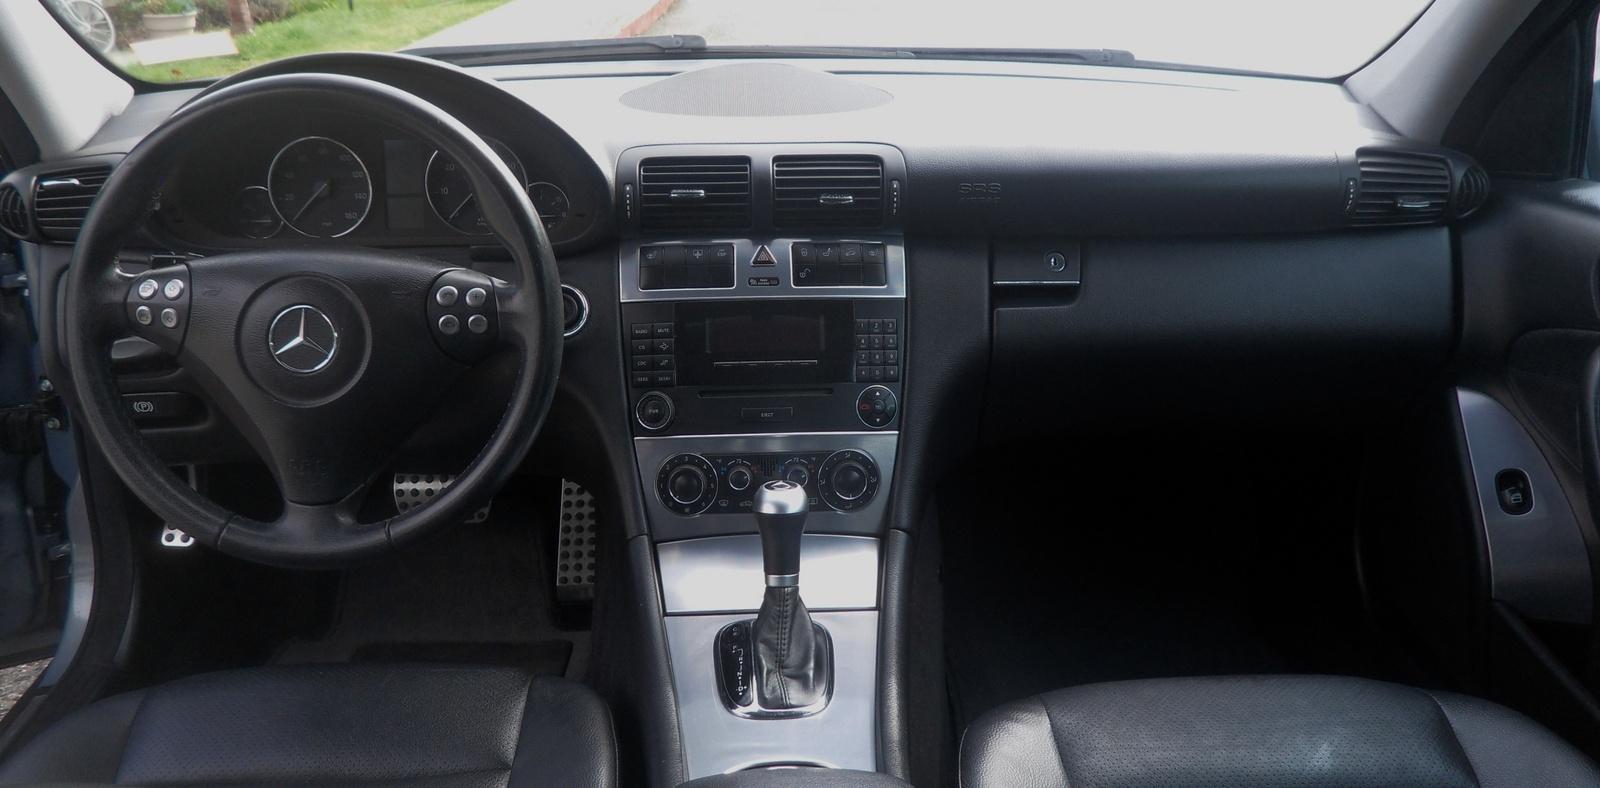 2005 mercedes benz c class interior pictures cargurus